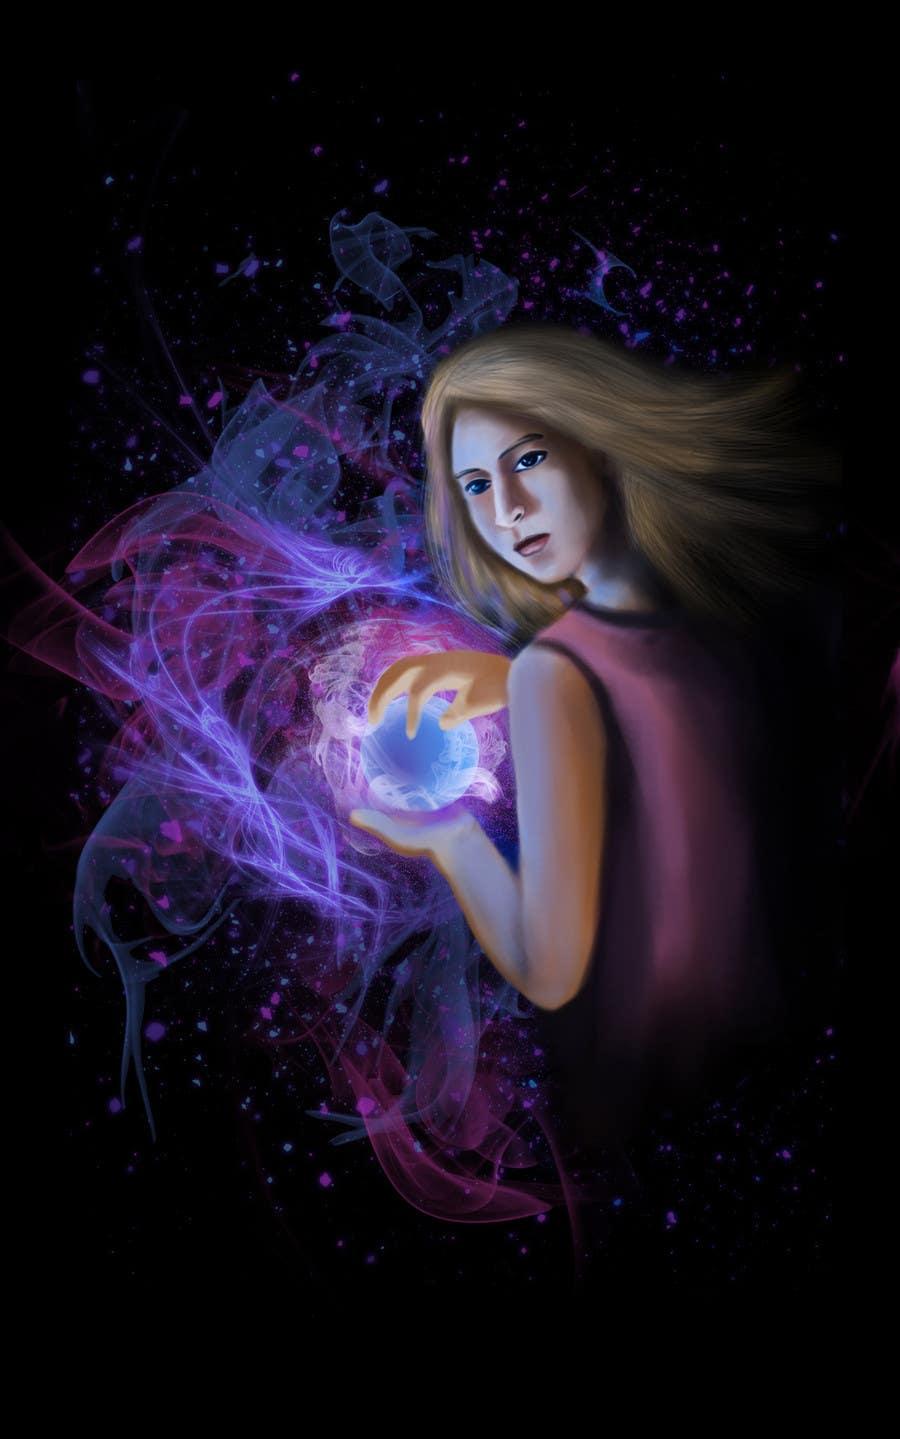 #21 for Cover Art for Fantasy/Sci Fi Novel by MforDARK